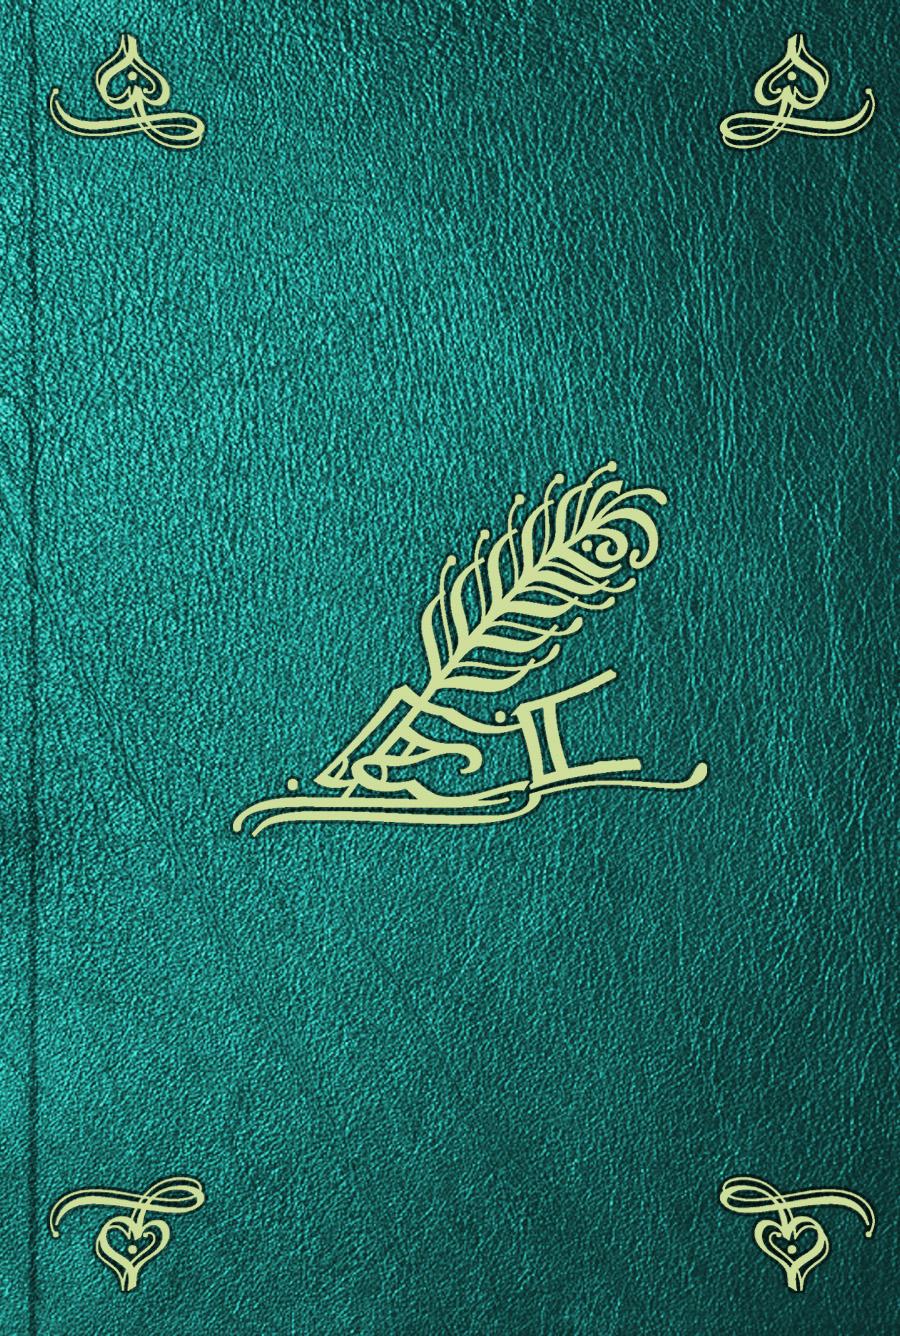 Comte de Buffon Georges Louis Leclerc Histoire naturelle. T. 10. Oiseaux comte de buffon georges louis leclerc histoire naturelle t 8 oiseaux